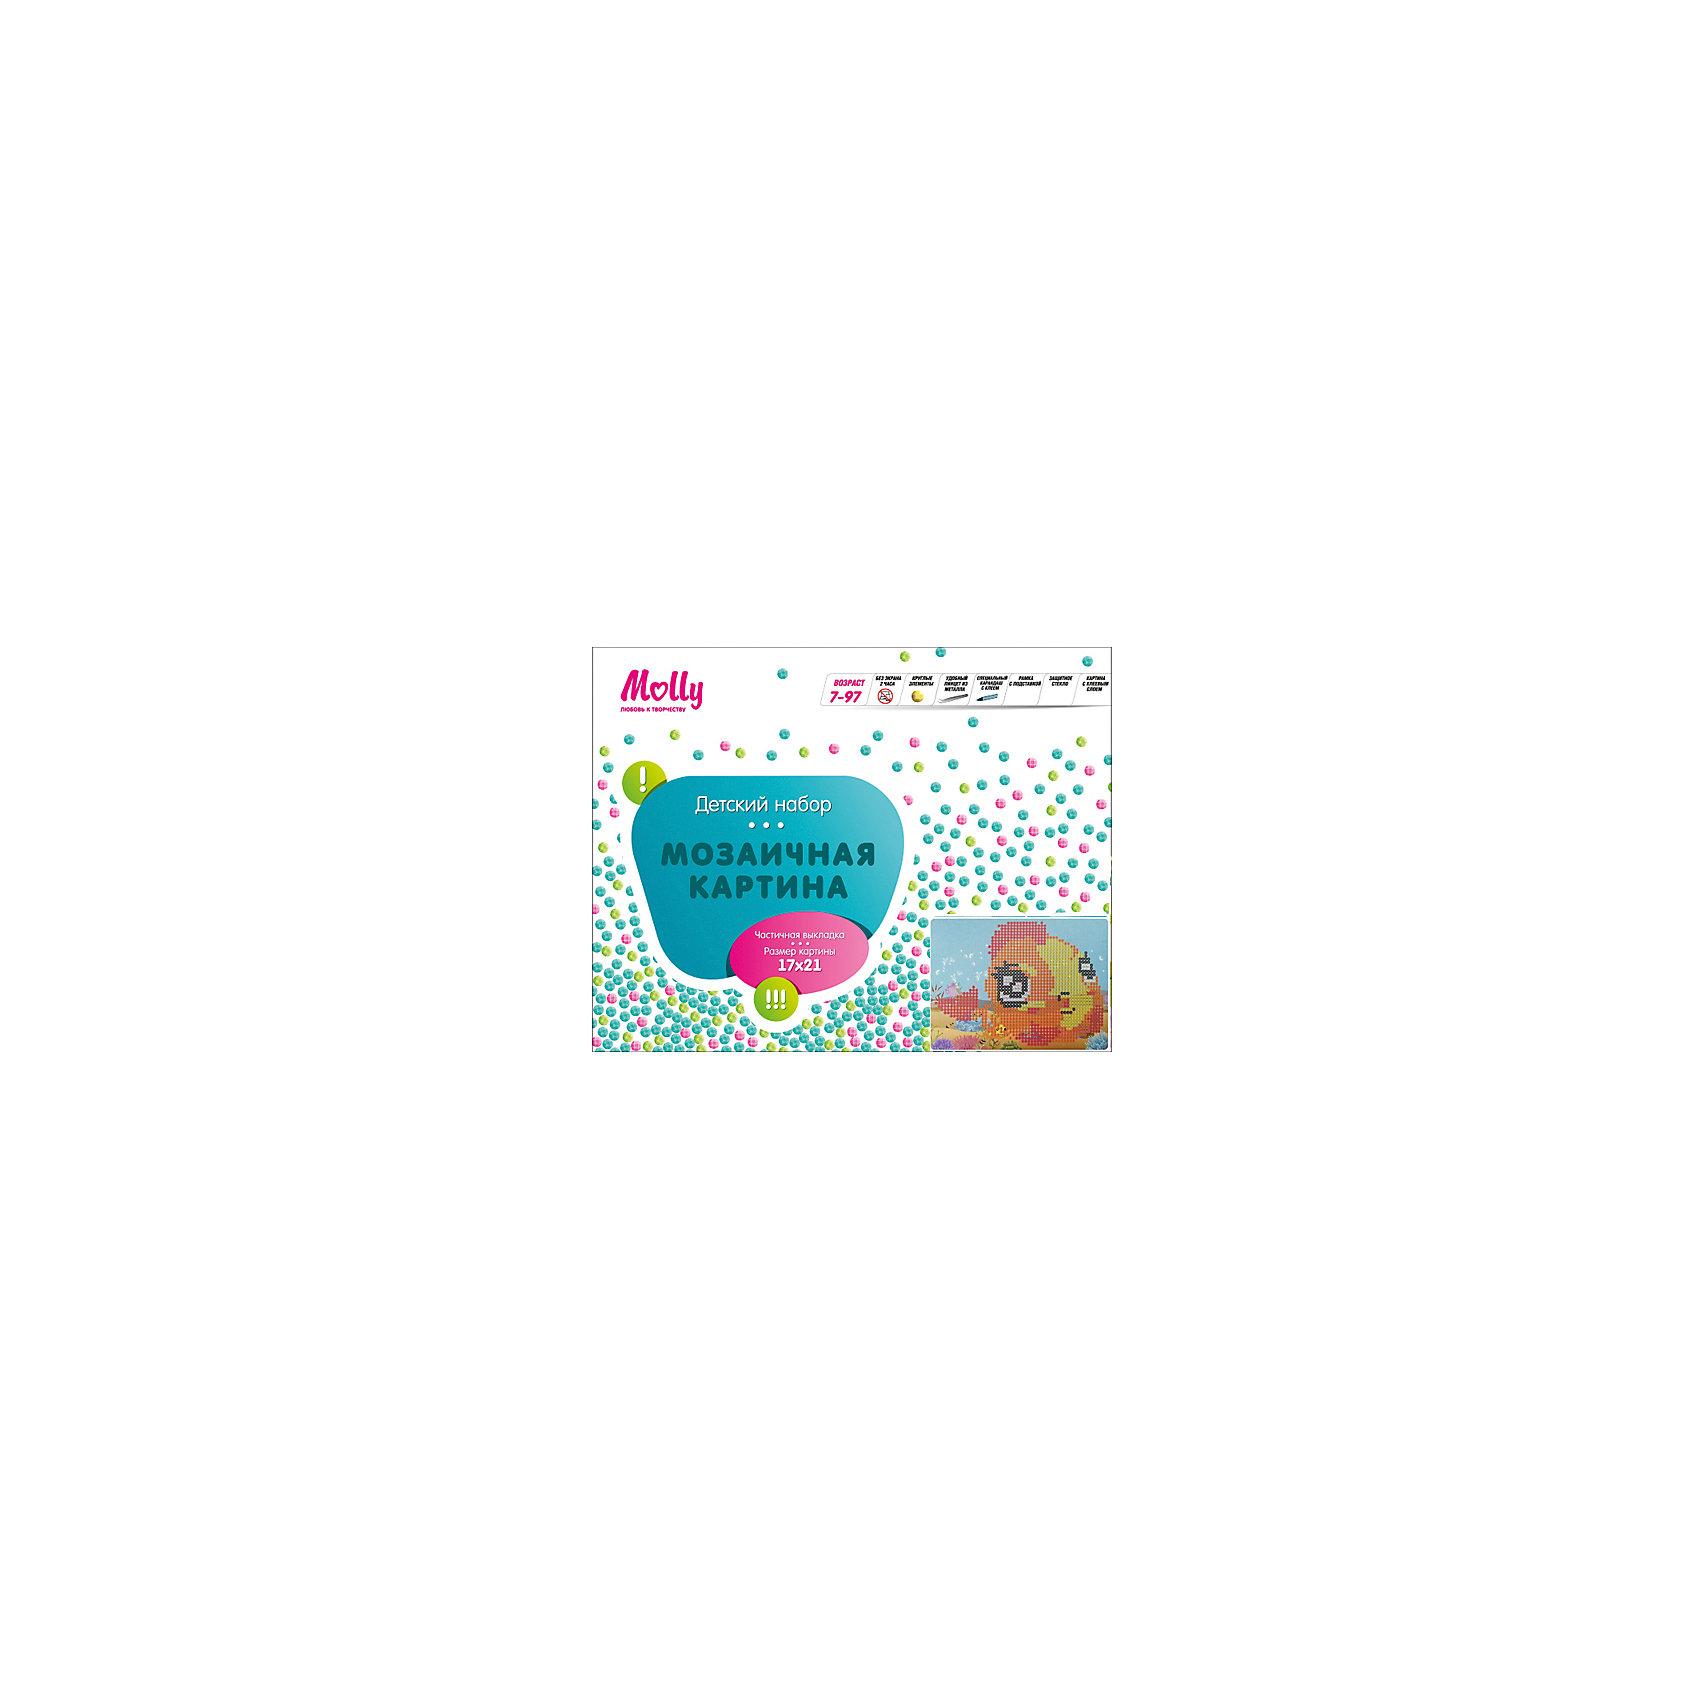 Мозаичная картина РыбкаМозаика детская<br>Мозаичная картина Рыбка. <br><br>Характеристика: <br><br>• Материал: картон, пластик, клей. <br>• Размер картинки: 17х21 см. <br>• Размер мозаичного элемента: 2,5 мм. <br>• Комплектация: контейнер для элементов мозаики, мозаичные элементы, специальный клеевой карандаш, трафарет со схемой рисунка, декоративная пластиковая рамка с оргстеклом. <br>• Яркие, насыщенные цвета. <br>• Отлично развивает моторику рук, внимание, мышление и воображение. <br><br>Создание картины из мозаики - увлекательное и полезное занятие, в процессе которого ребенок сможет развить моторику рук, внимание, усидчивость, цветовосприятие и воображение. В этом наборе уже есть все для создания маленького шедевра! Нужно лишь приклеить мозаичные элементы на основу с нанесенным контуром - и яркая картинка готова.<br><br>Мозаичную картину Рыбка можно купить в нашем магазине.<br><br>Ширина мм: 200<br>Глубина мм: 225<br>Высота мм: 30<br>Вес г: 250<br>Возраст от месяцев: 84<br>Возраст до месяцев: 36<br>Пол: Унисекс<br>Возраст: Детский<br>SKU: 5417618